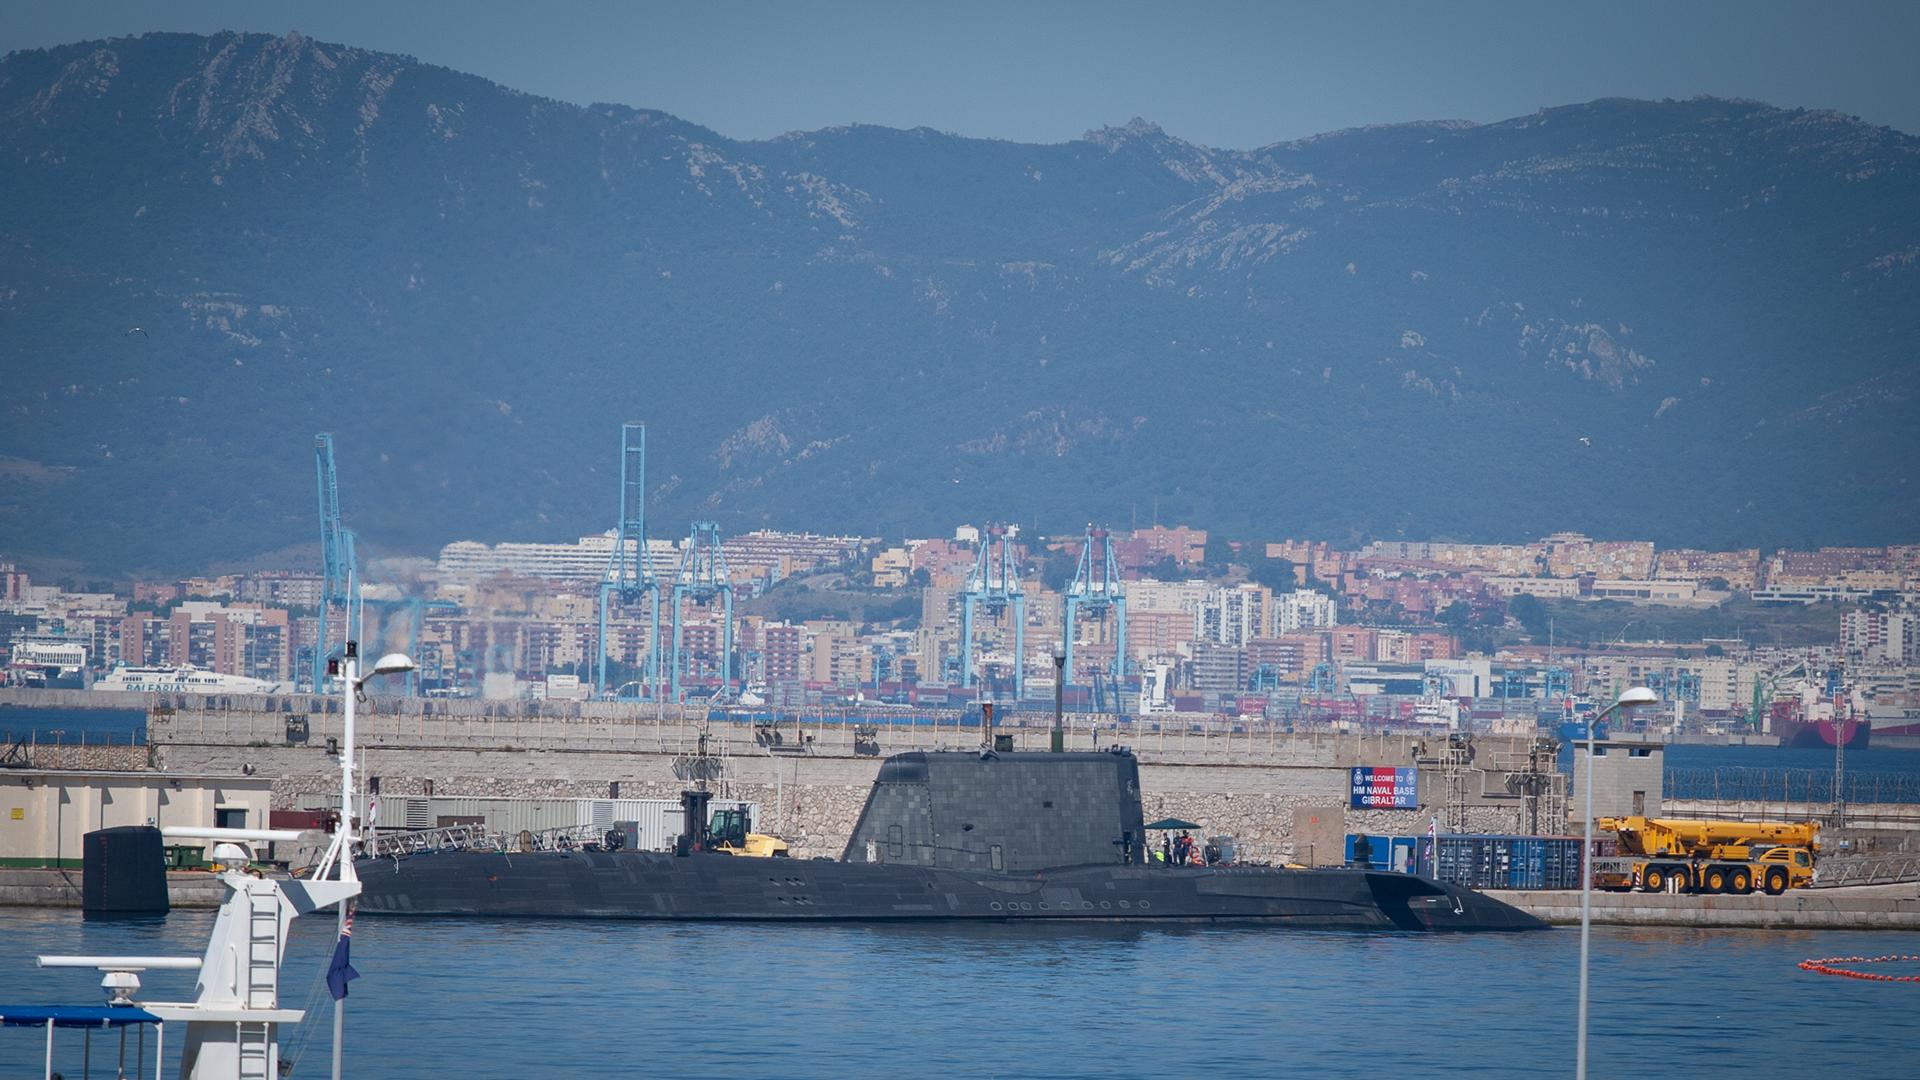 HMS Artful en puerto. Foto Sergio Rodríguez